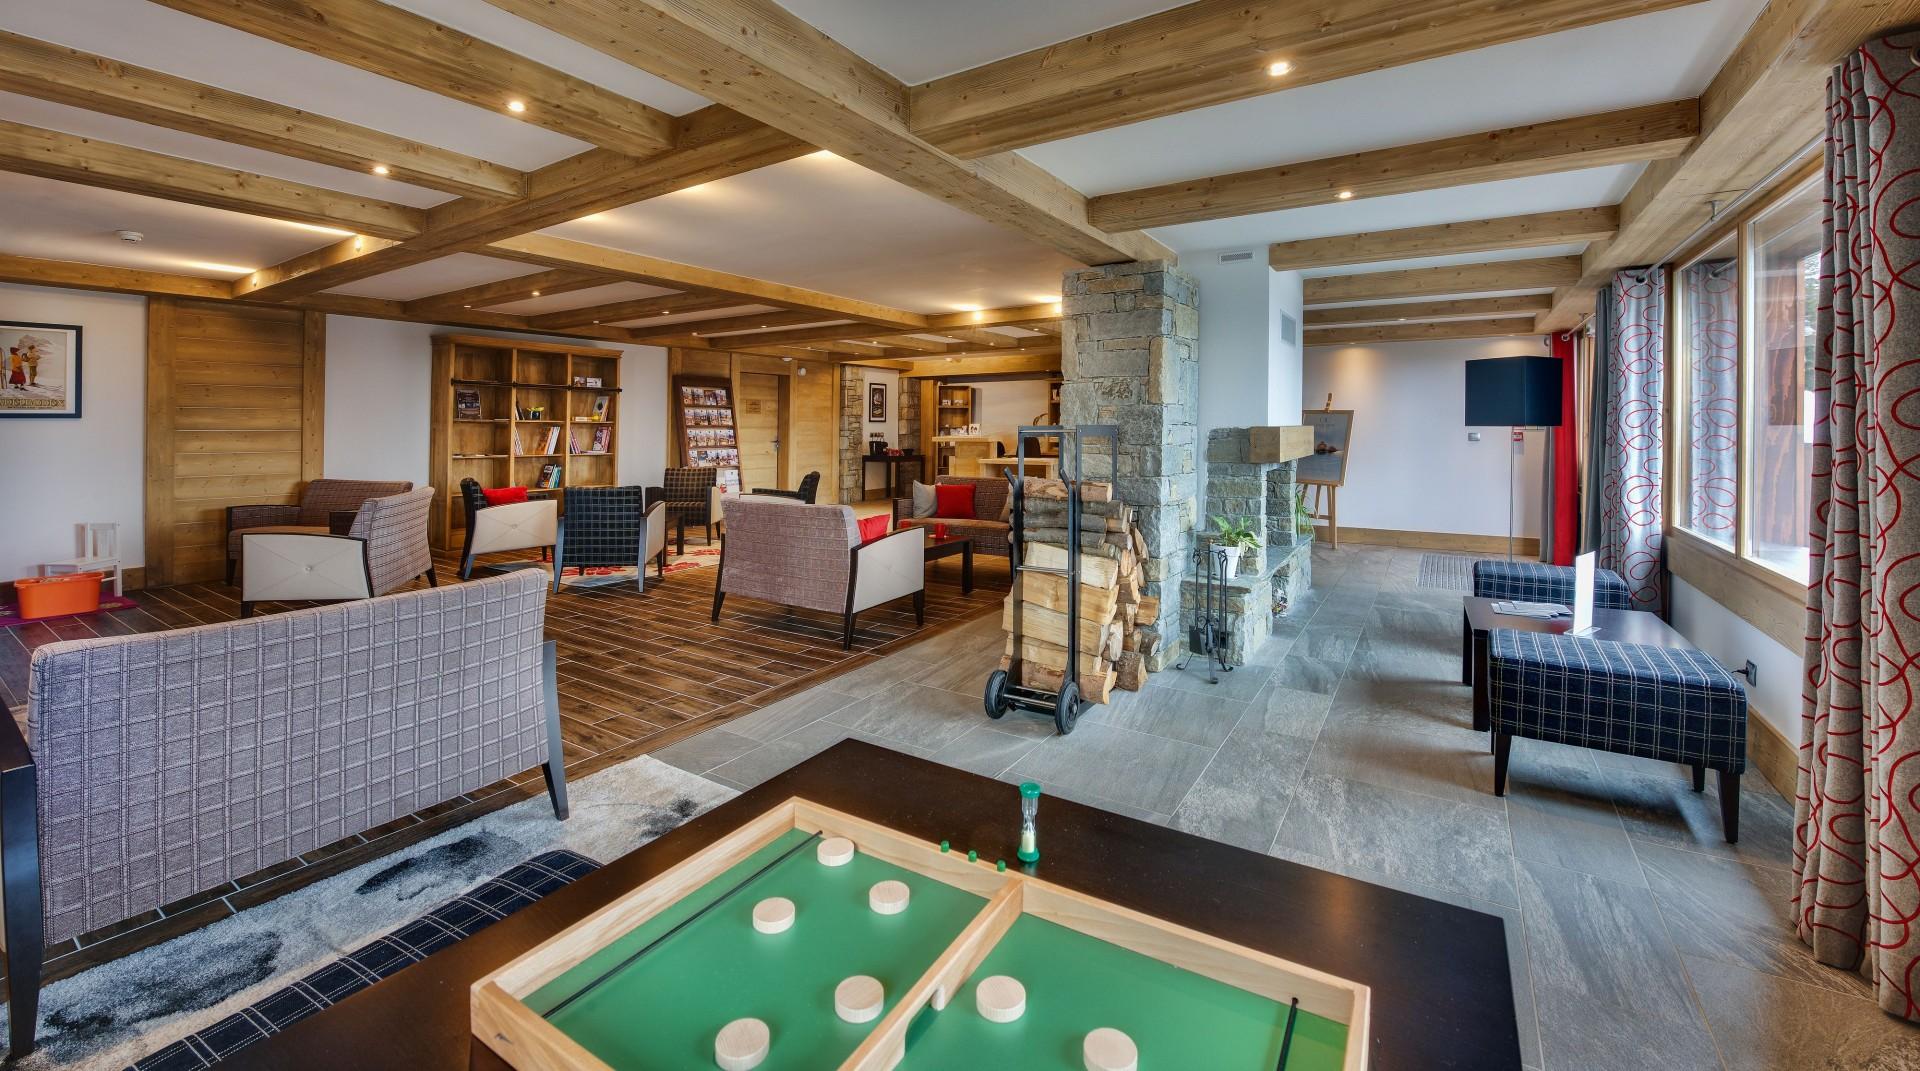 La Rosière Location Appartement Dans Résidence Luxe Radovanite Accueil